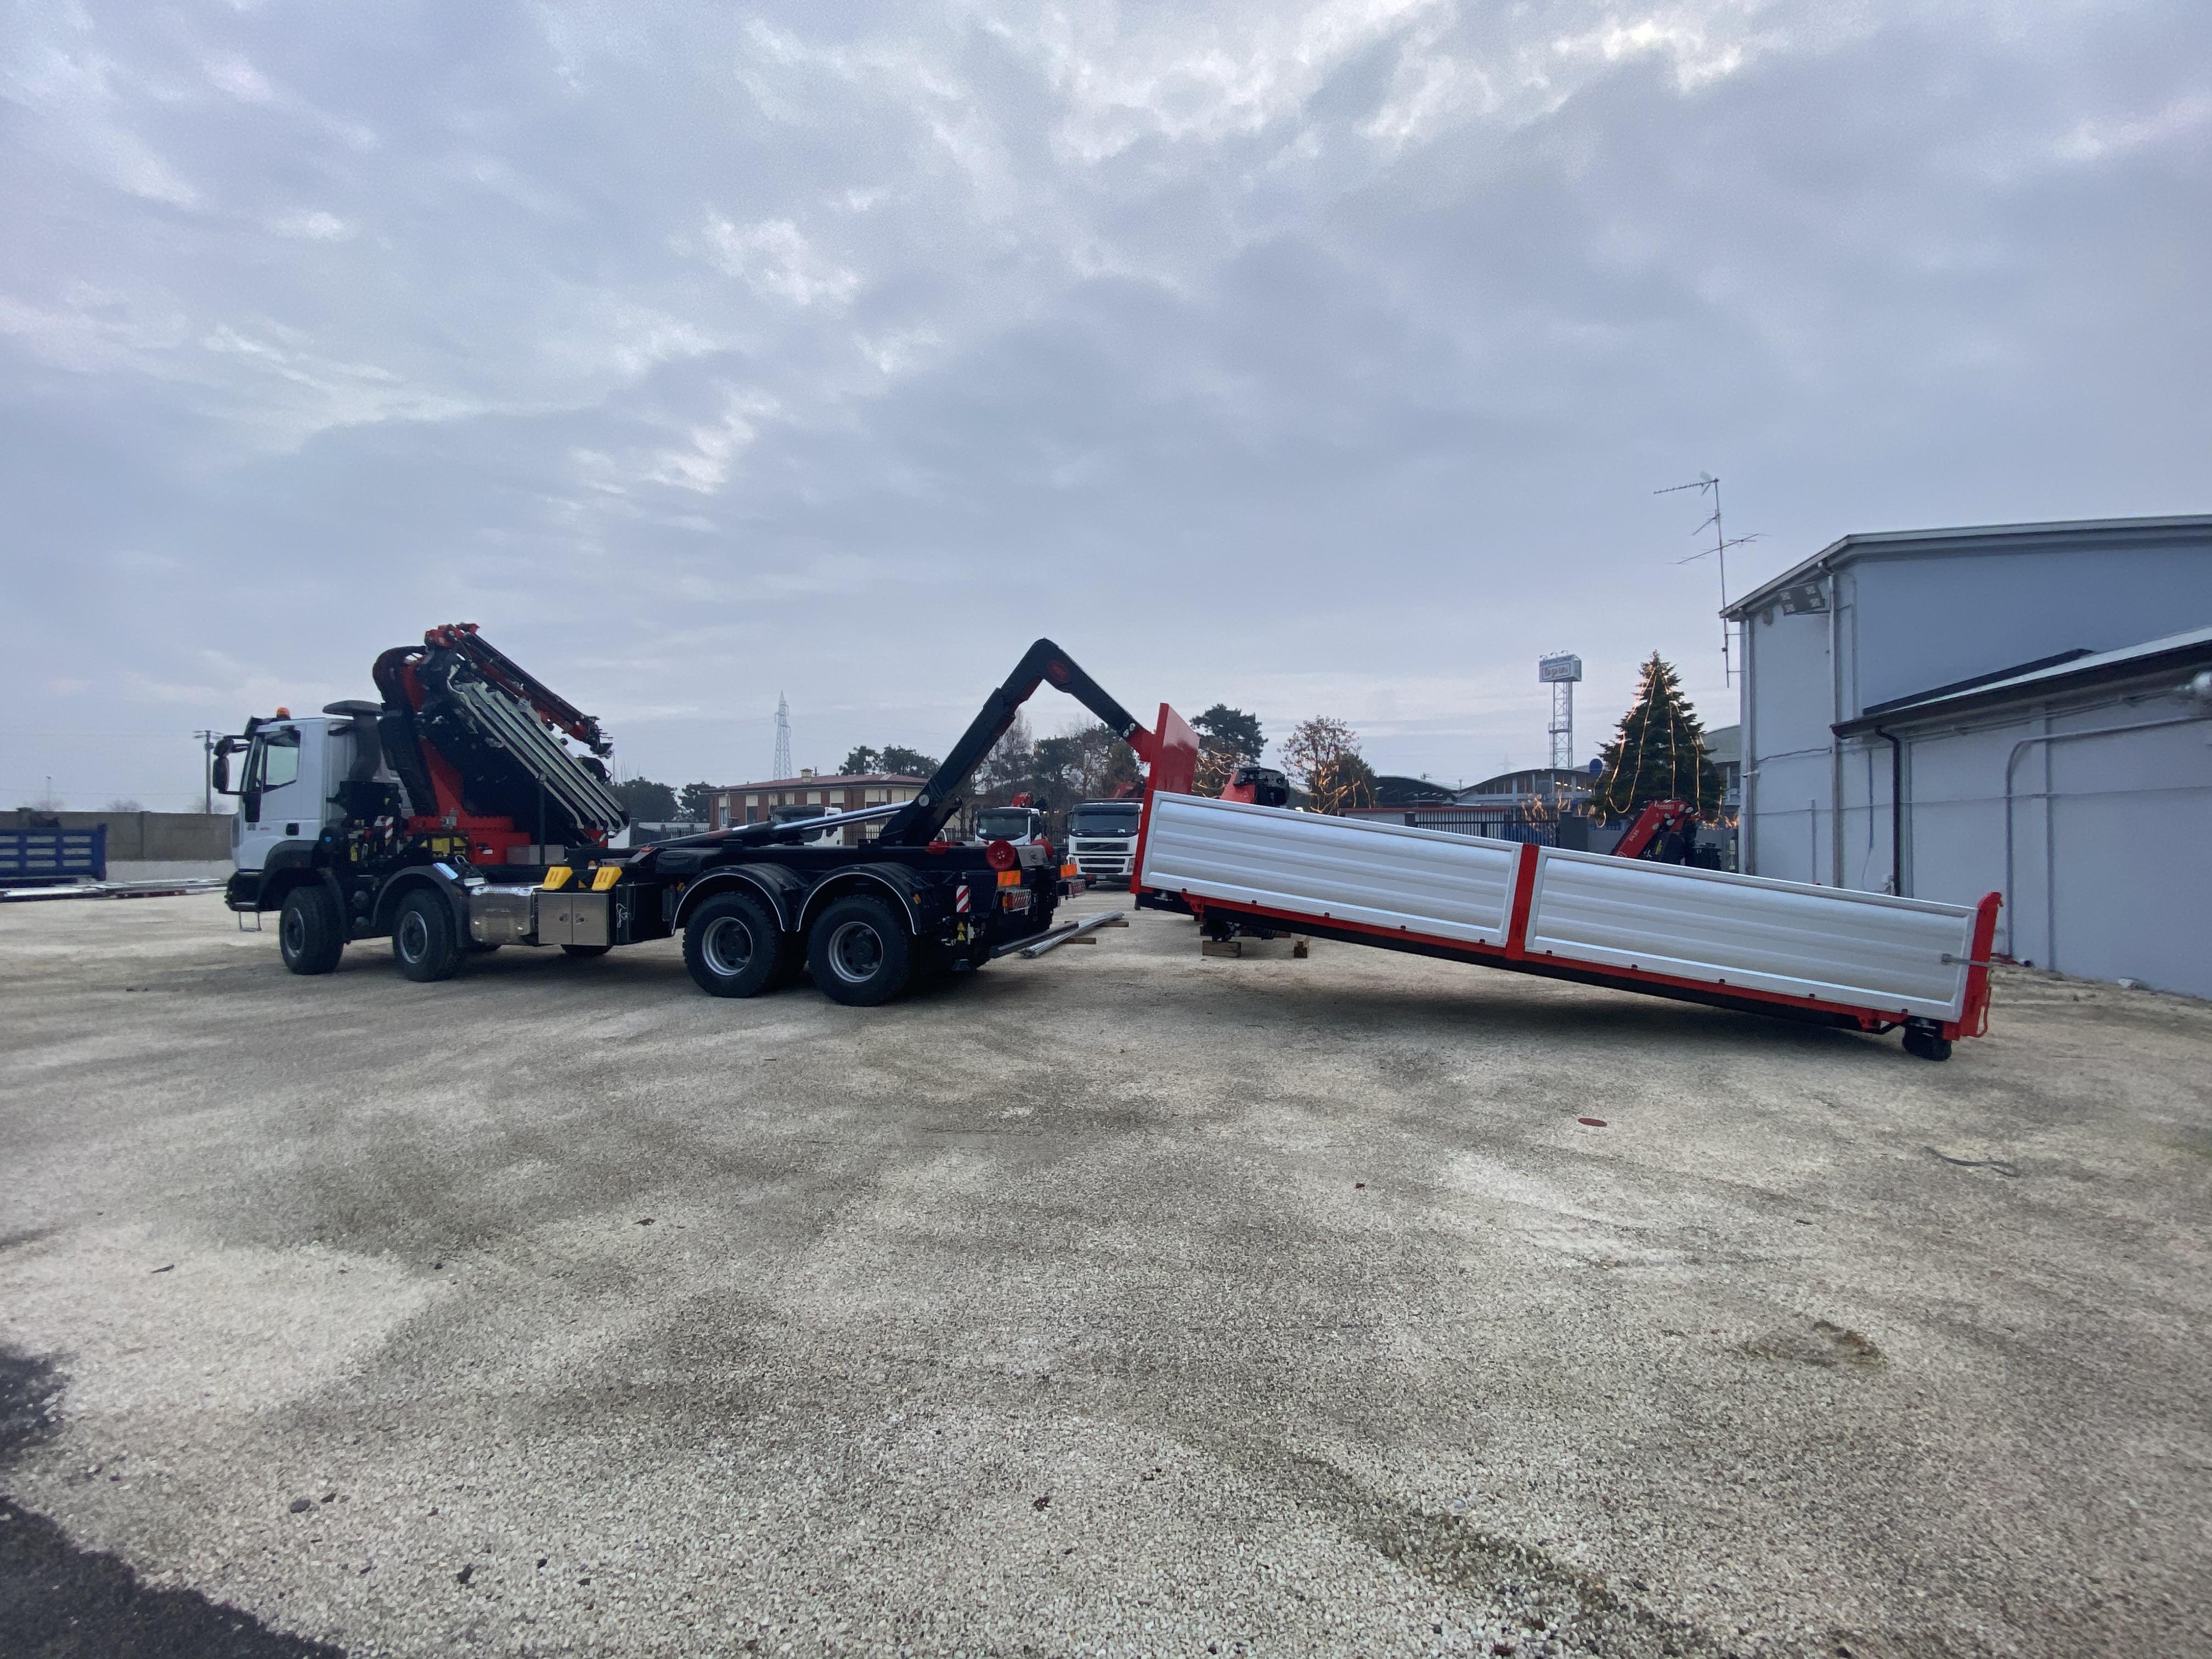 Nuovo allestimento: ecco il camion per il trasporto di merci industriali che abbiamo realizzato per il nostro cliente di Malta